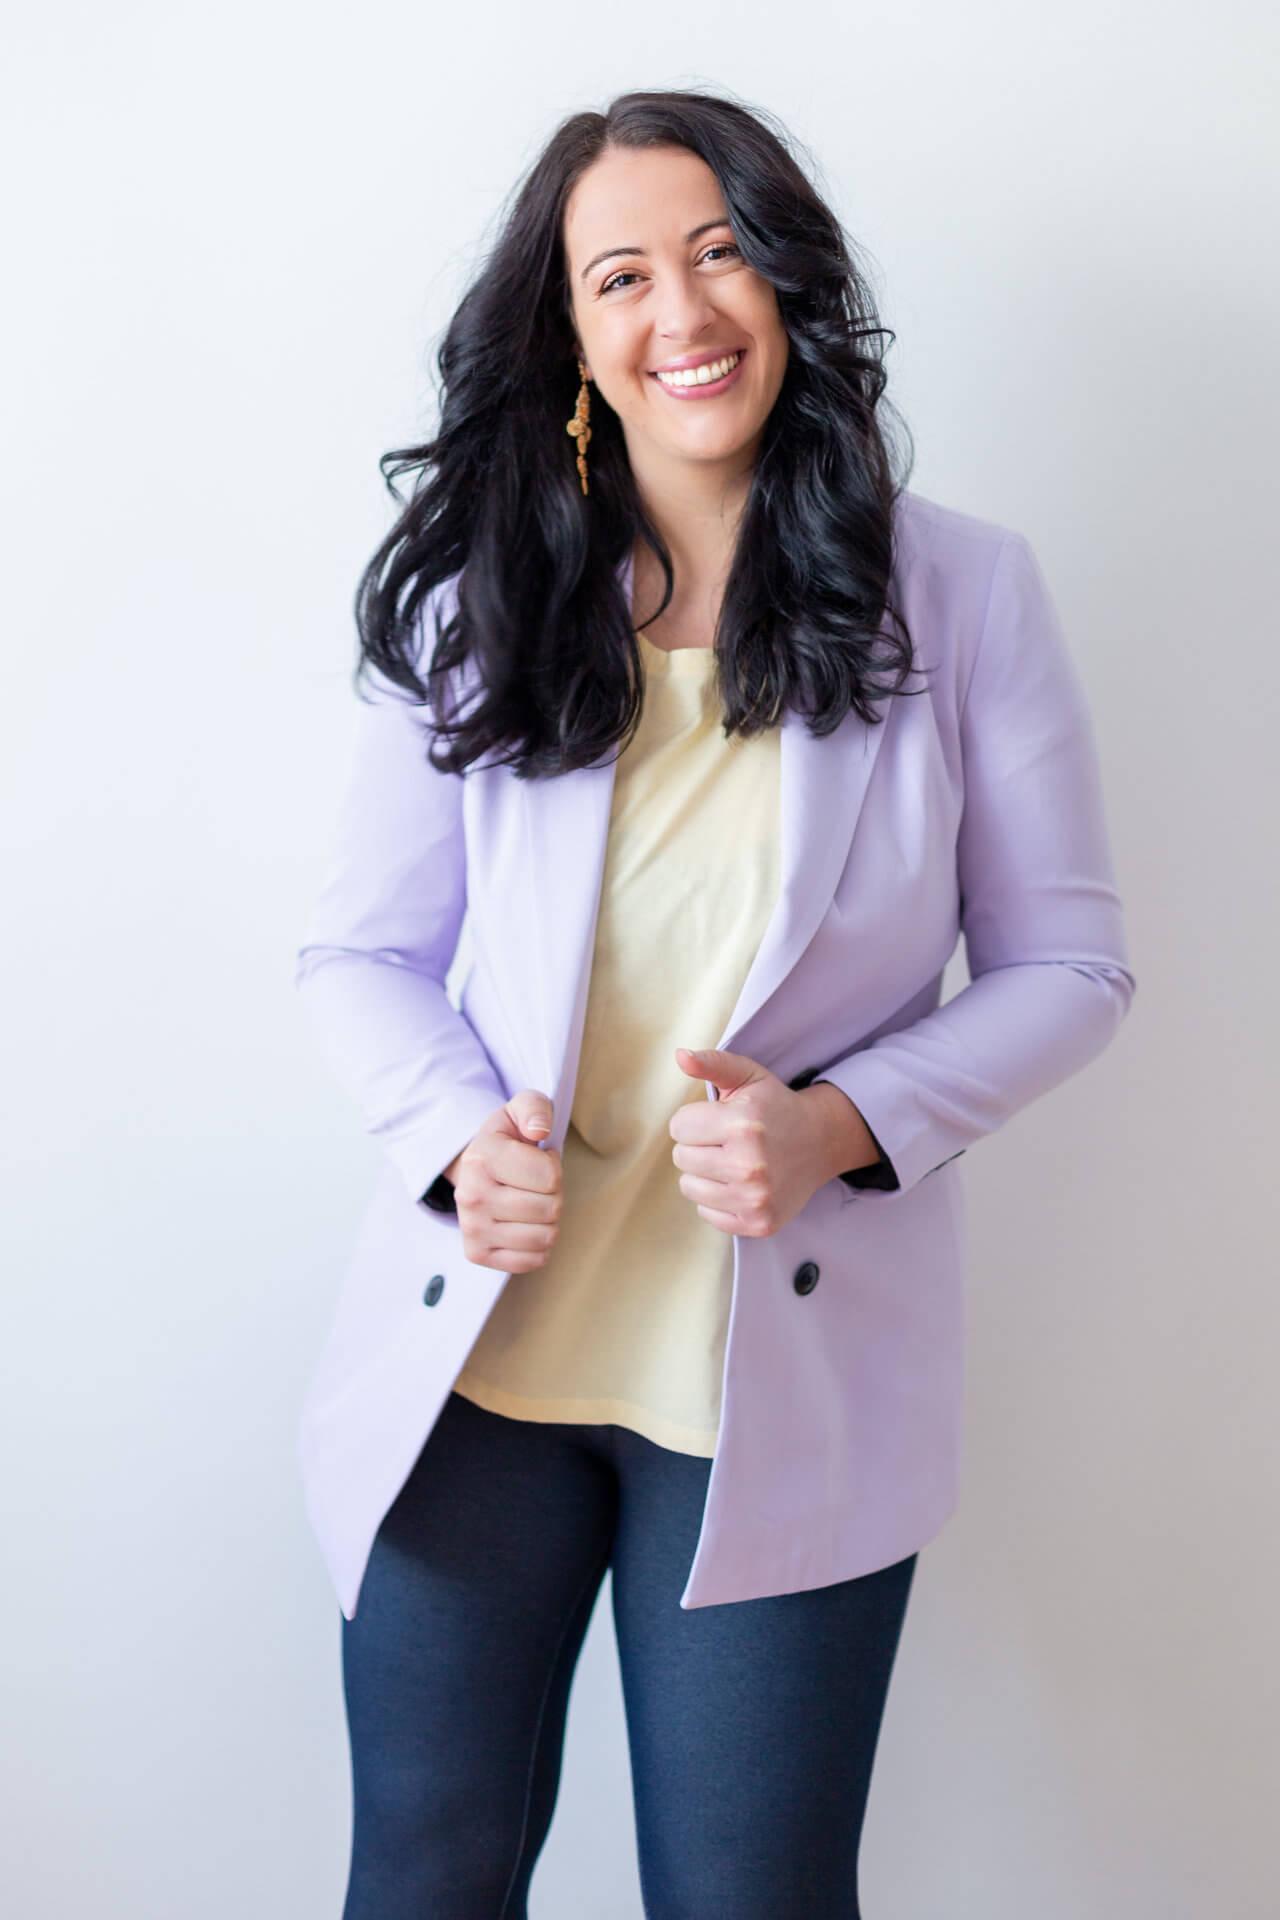 Businessfotografie für Frauen